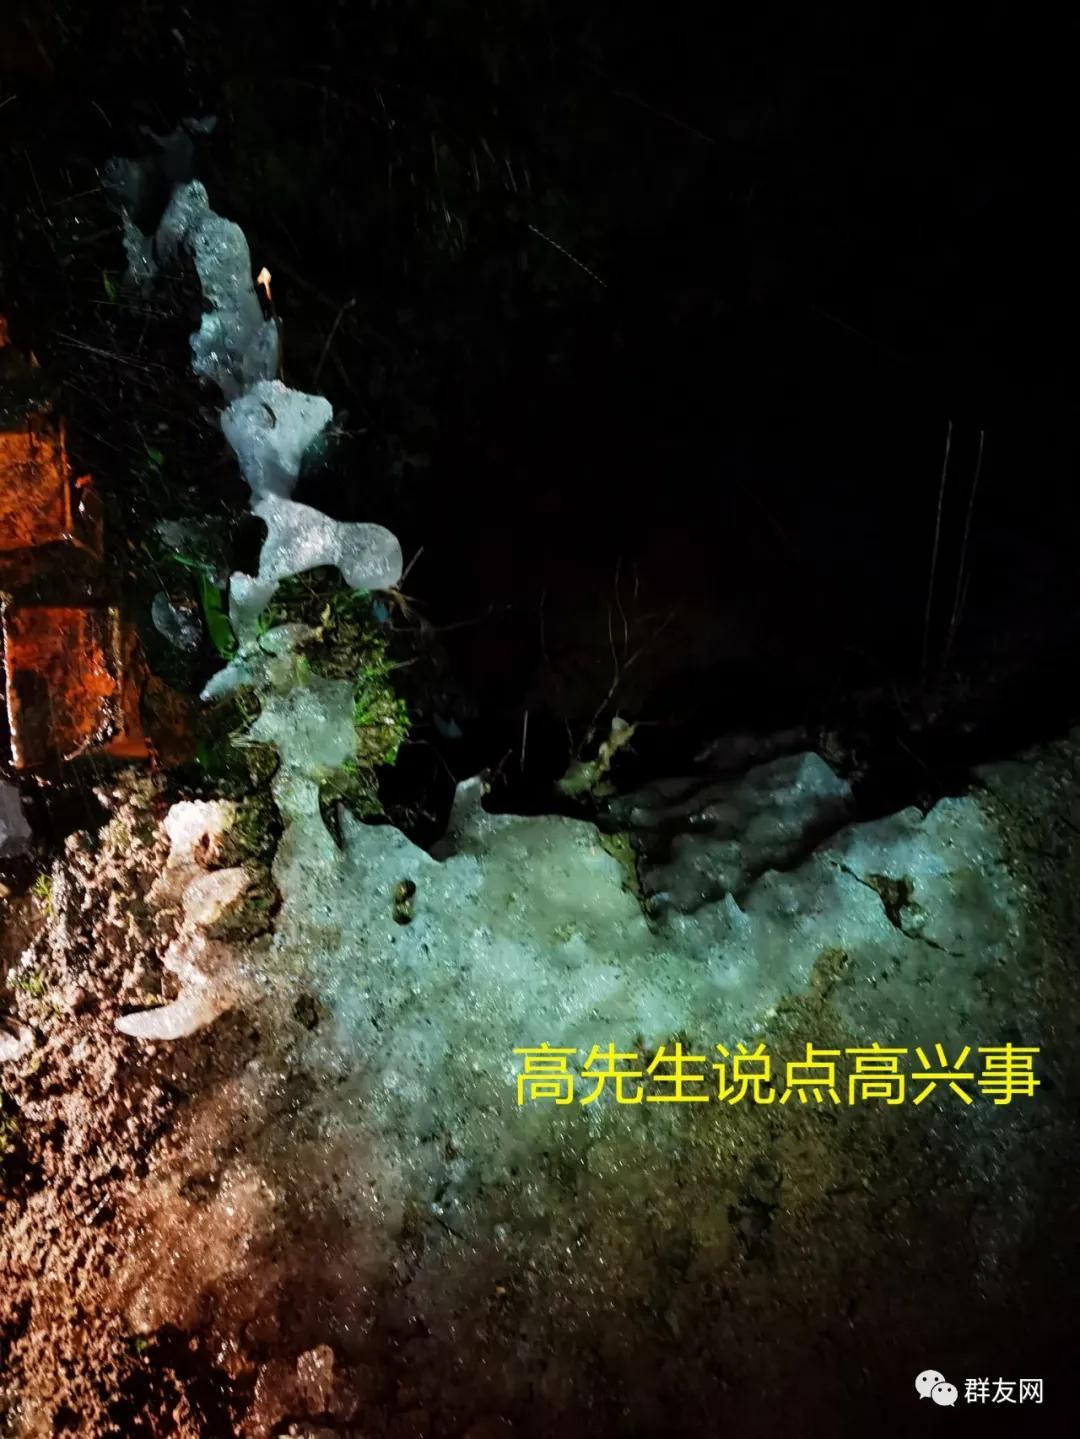 同安军营村又下雪了,昨晚厦门市民追雪全过程,晚上还追不?